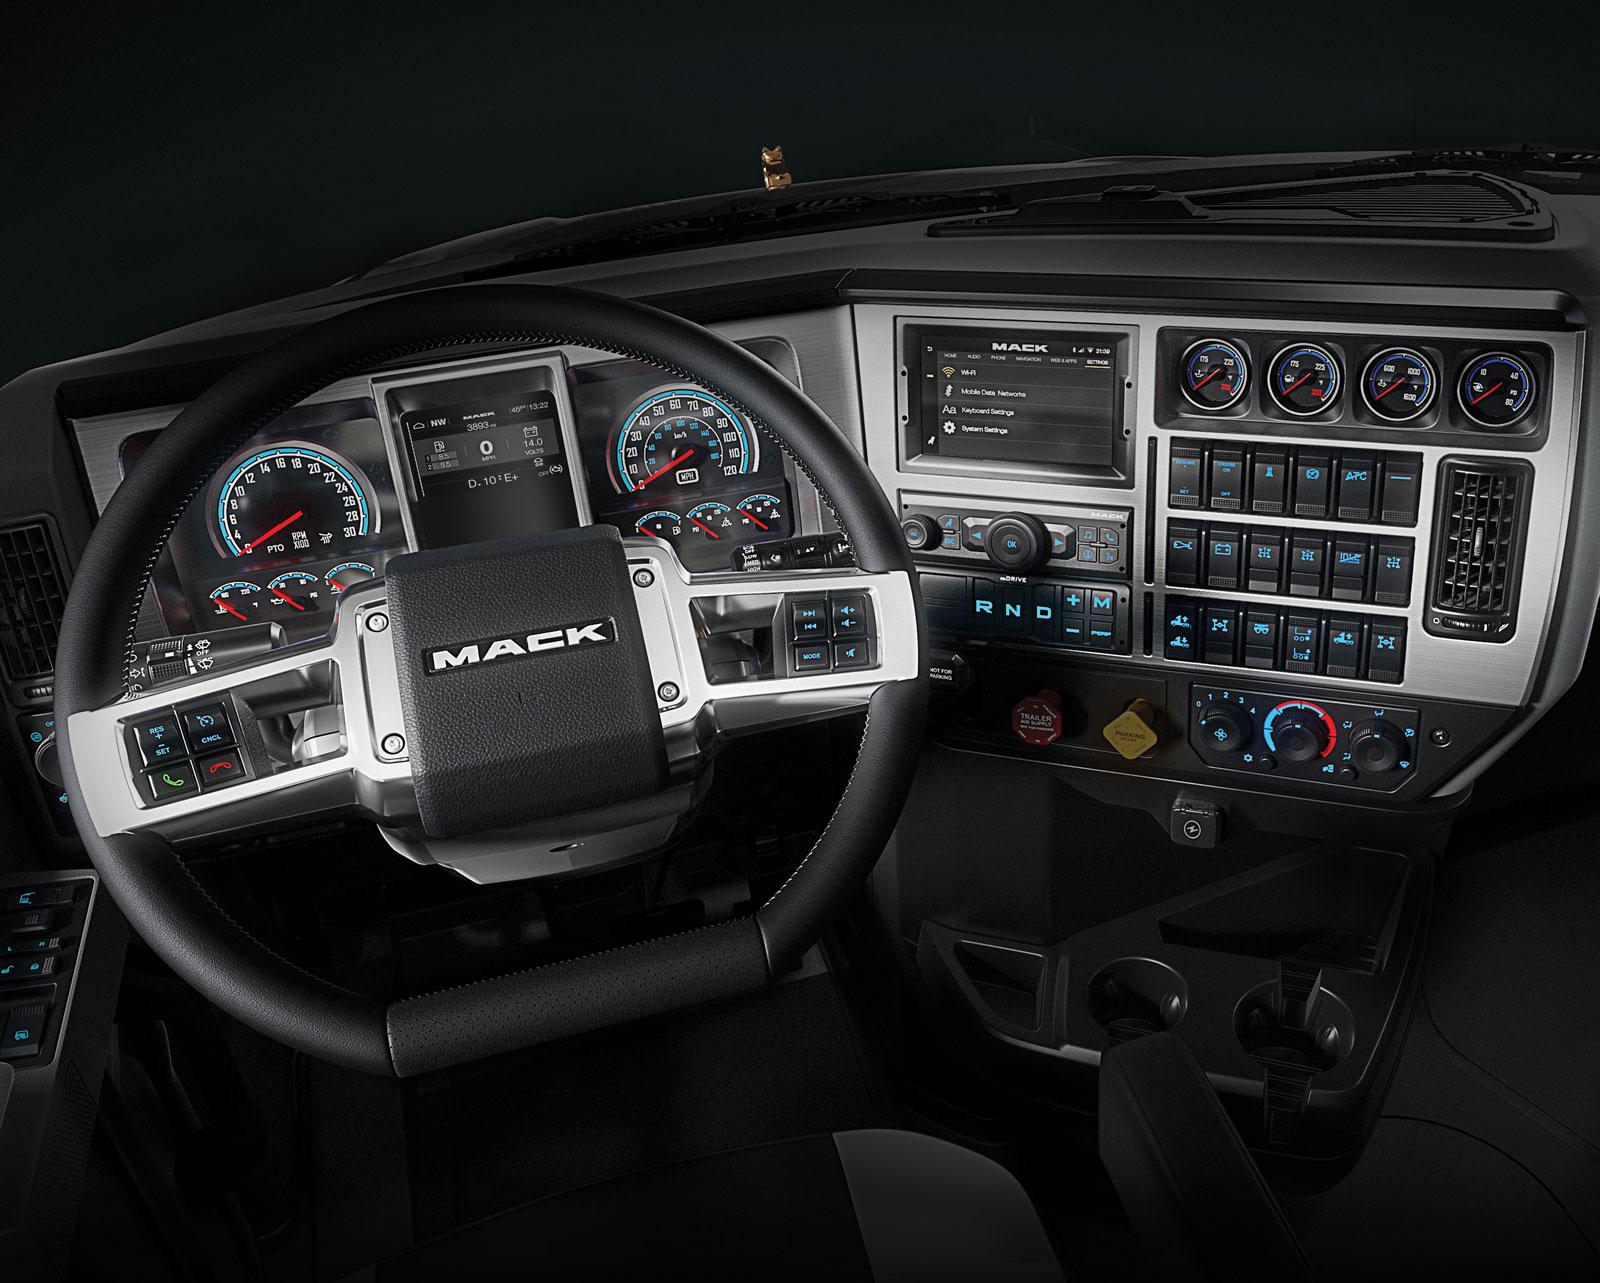 Mack Pinnacle, Granite models get an update - Truck News